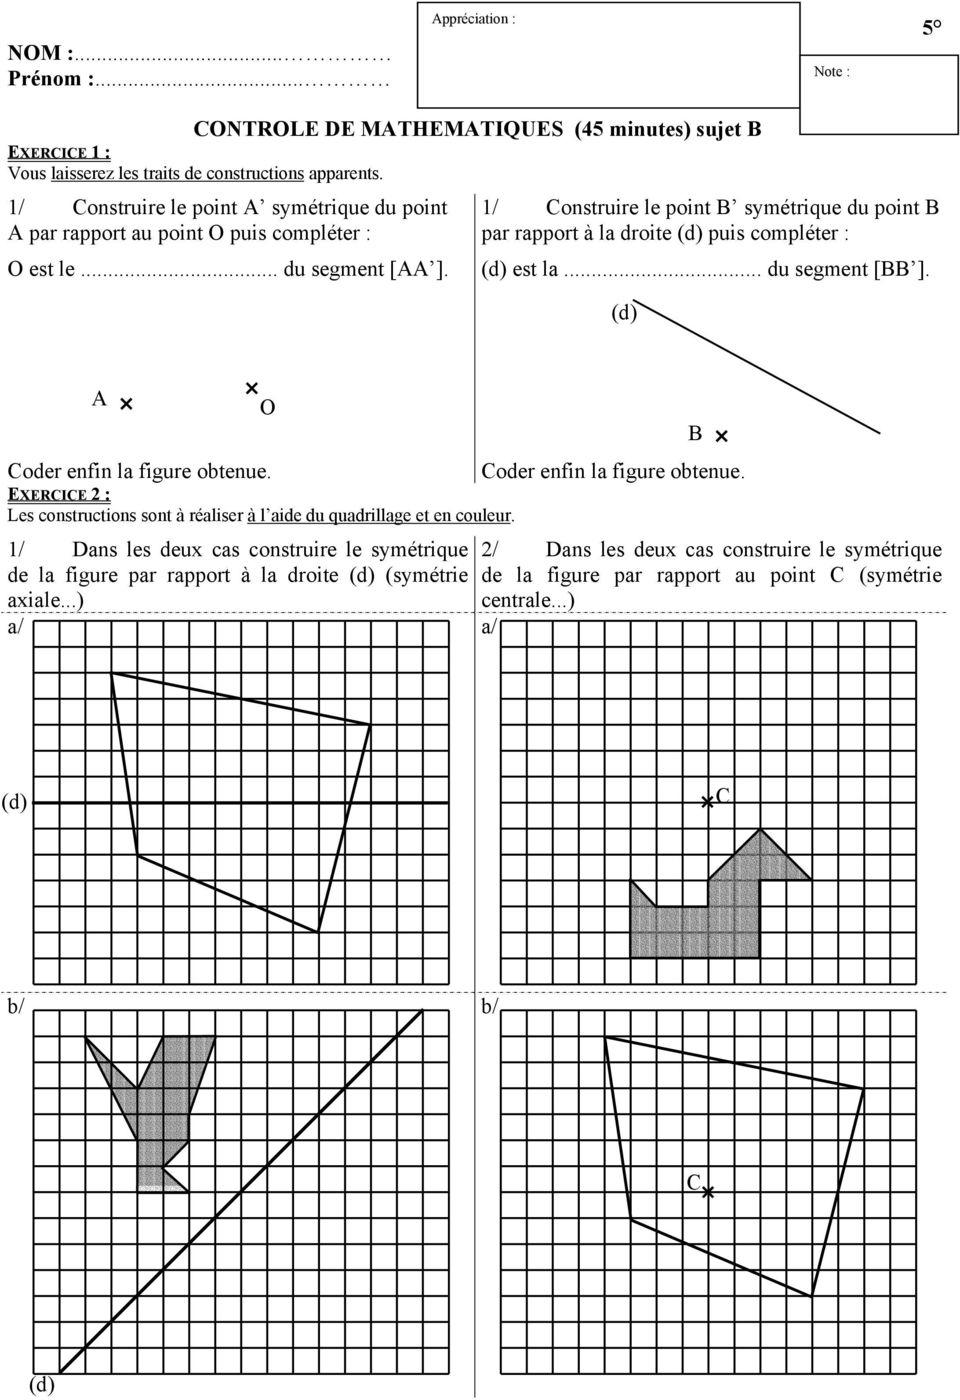 Controle De Mathematiques (45 Minutes) Sujet A Exercice 1 concernant Symétrie Cm1 Évaluation